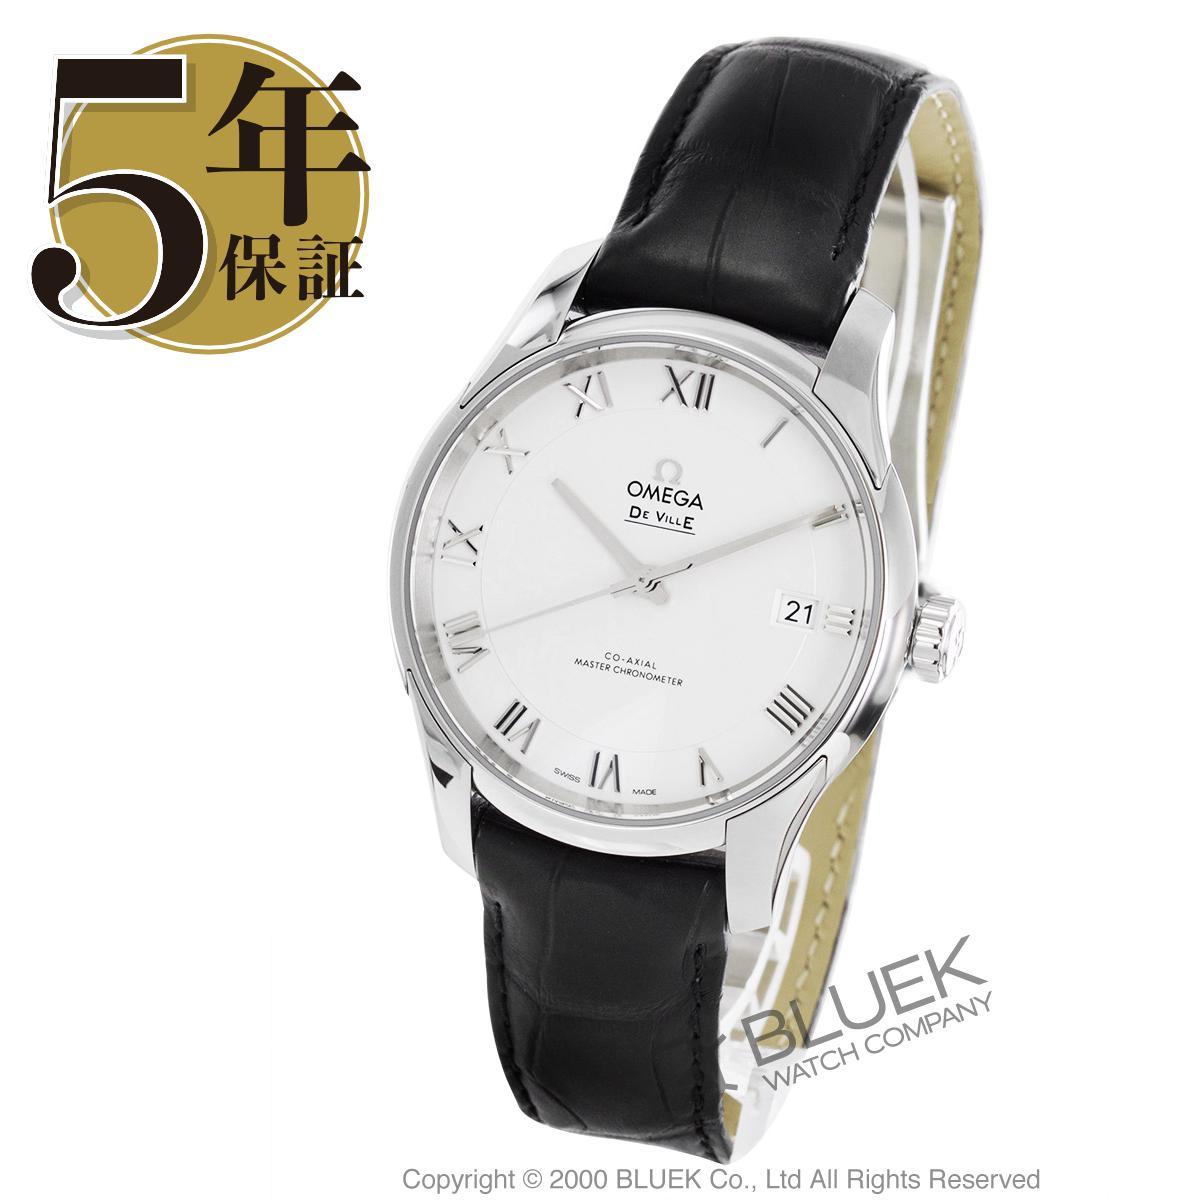 オメガ デビル アワービジョン アリゲーターレザー マスタークロノメーター 腕時計 メンズ OMEGA 433.13.41.21.02.001_5